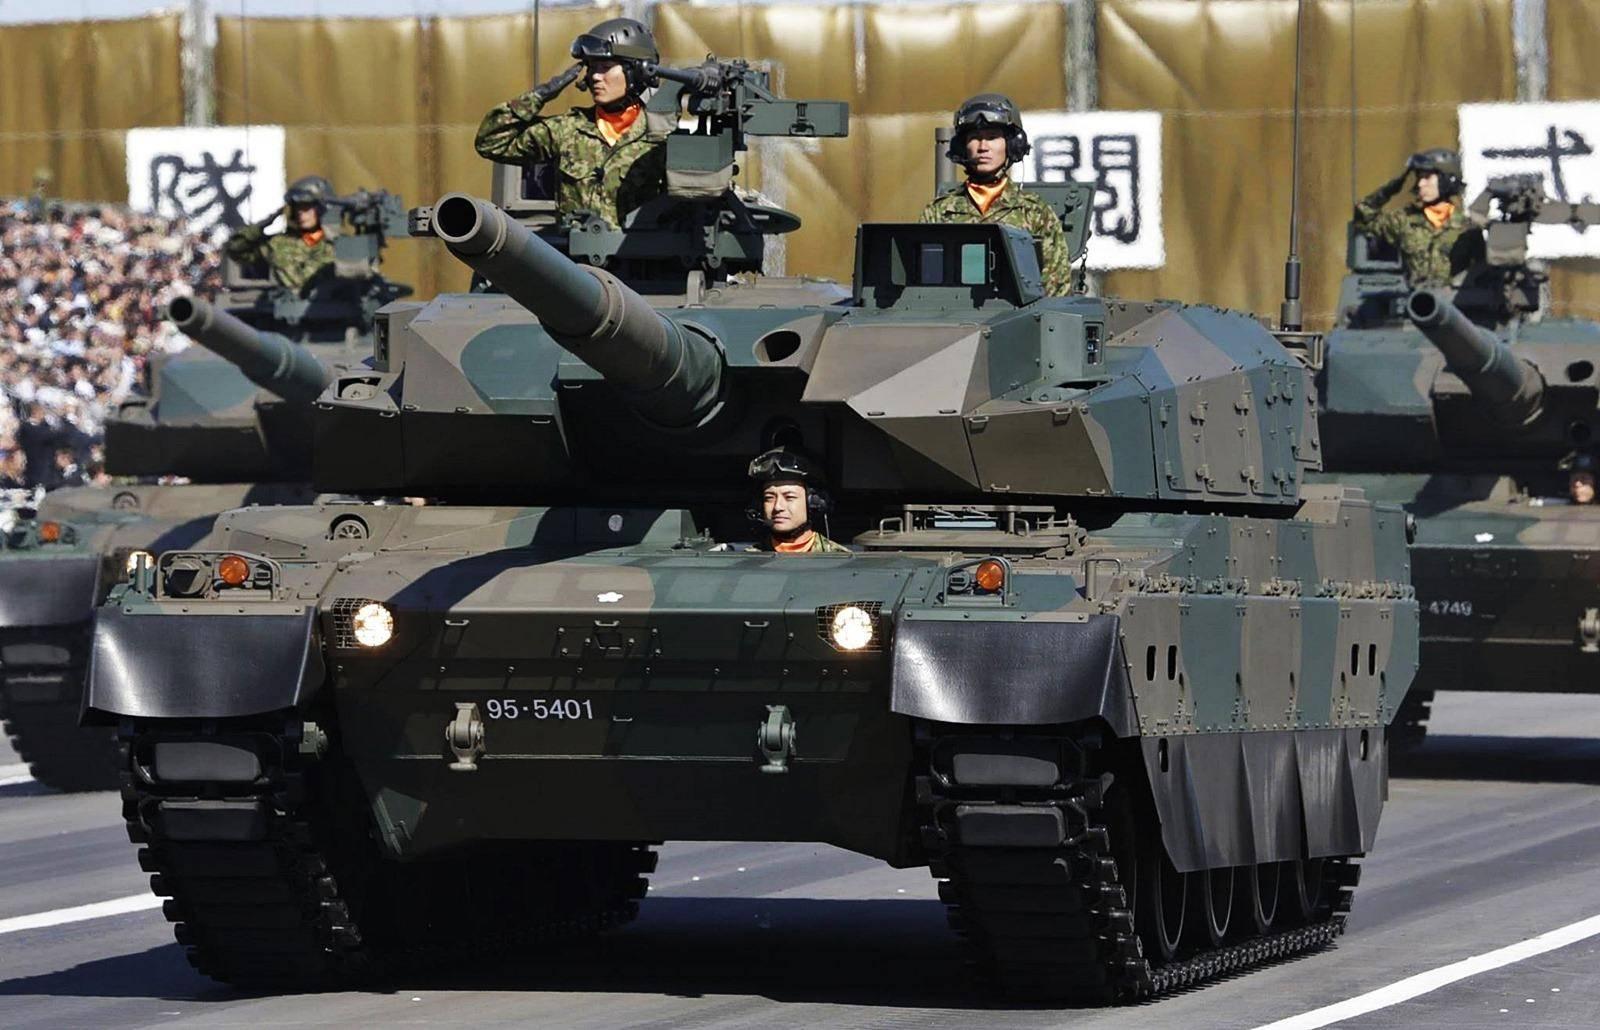 精致细腻!TK-X 10式主战坦克使用大量最先进科技,世界排名一直很高